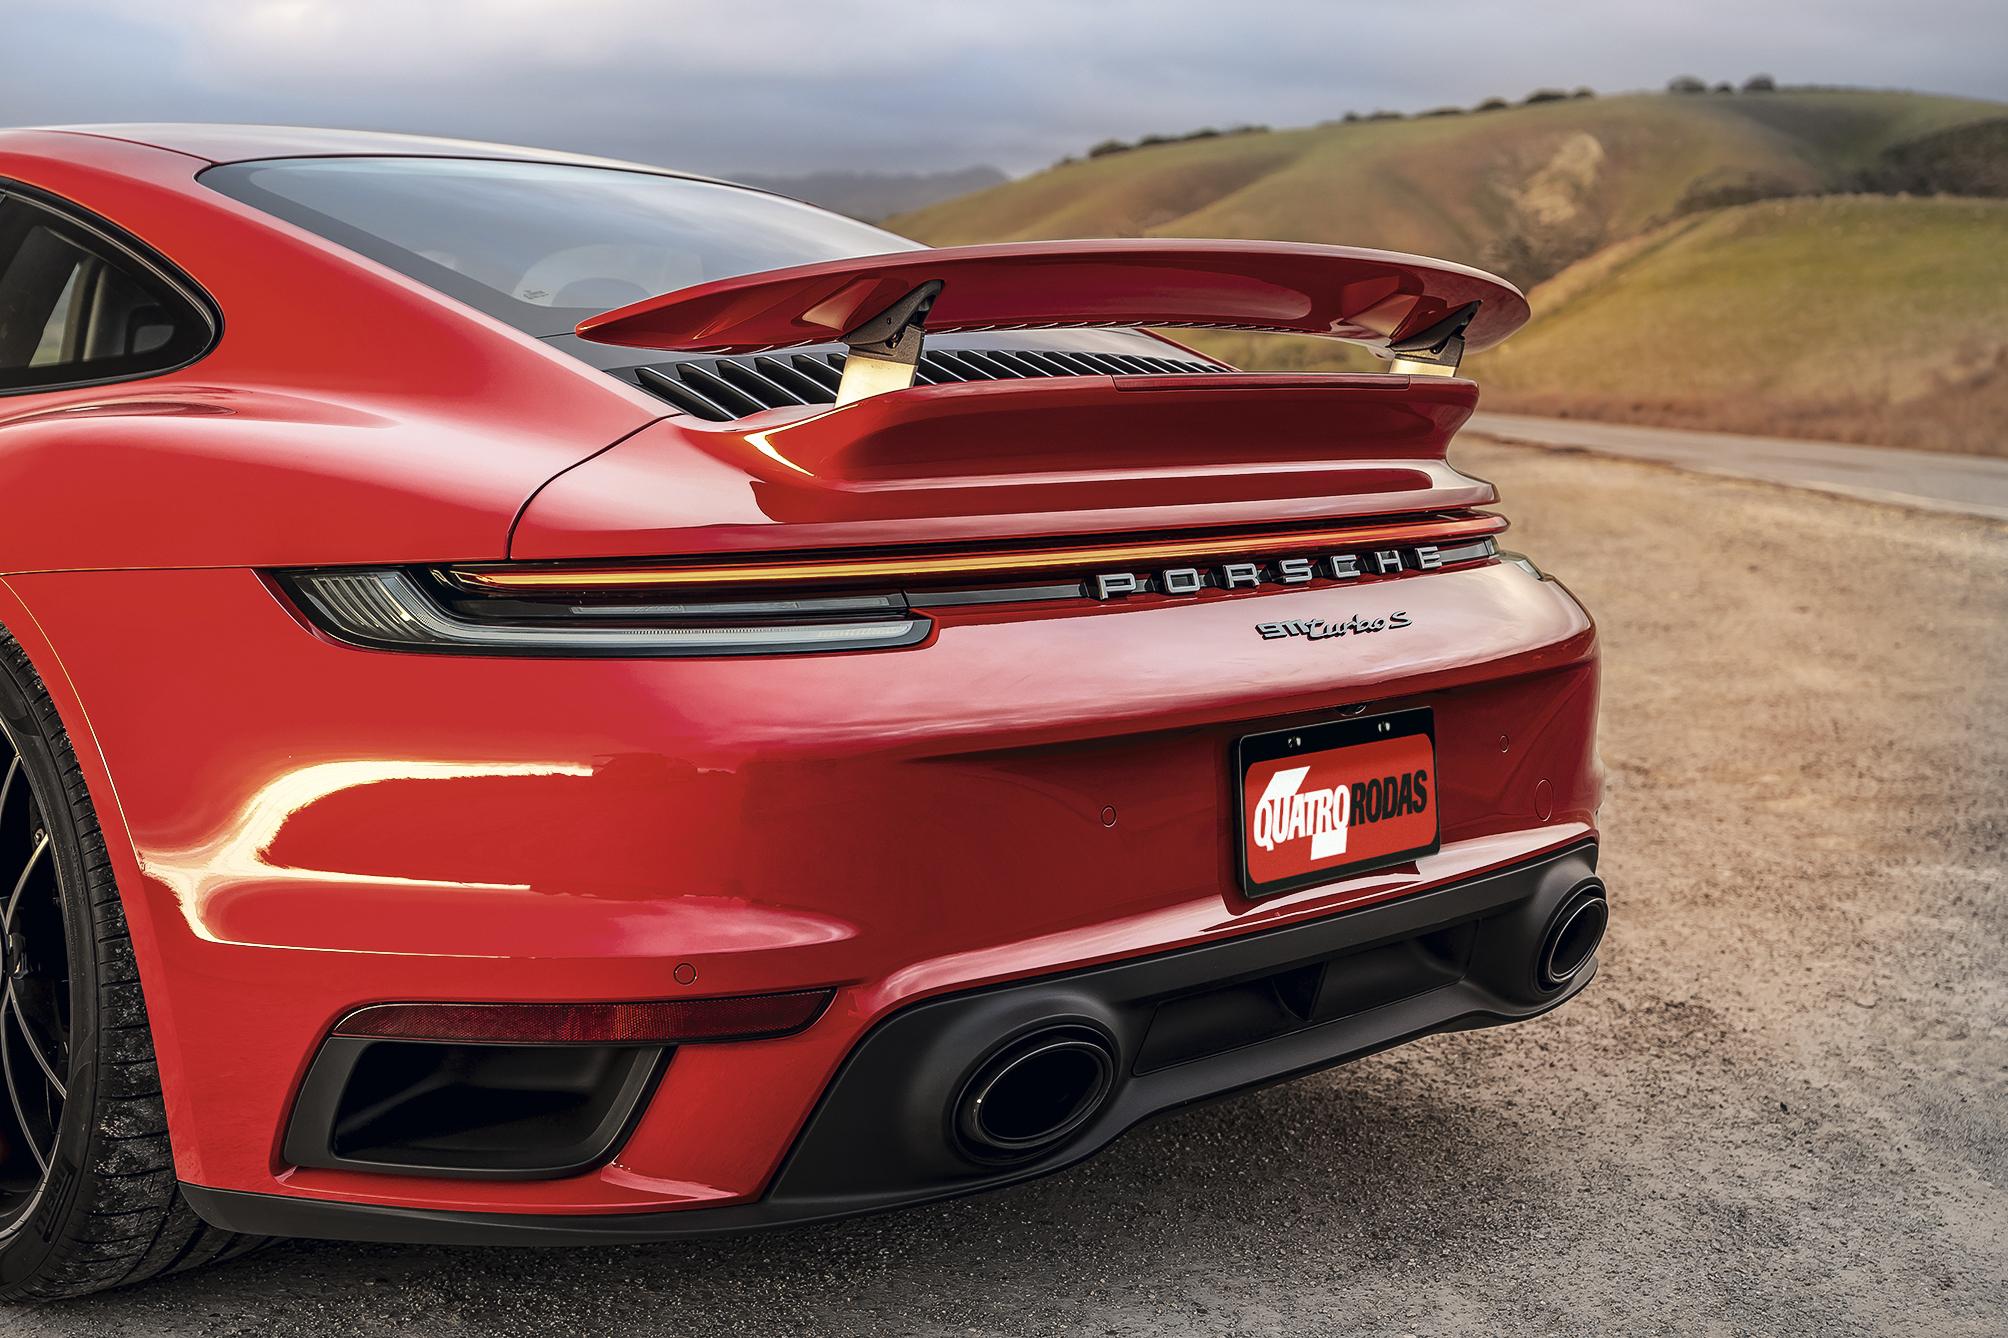 Teste Novo Porsche 911 Turbo S E O Melhor 911 De Todos Os Tempos Quatro Rodas